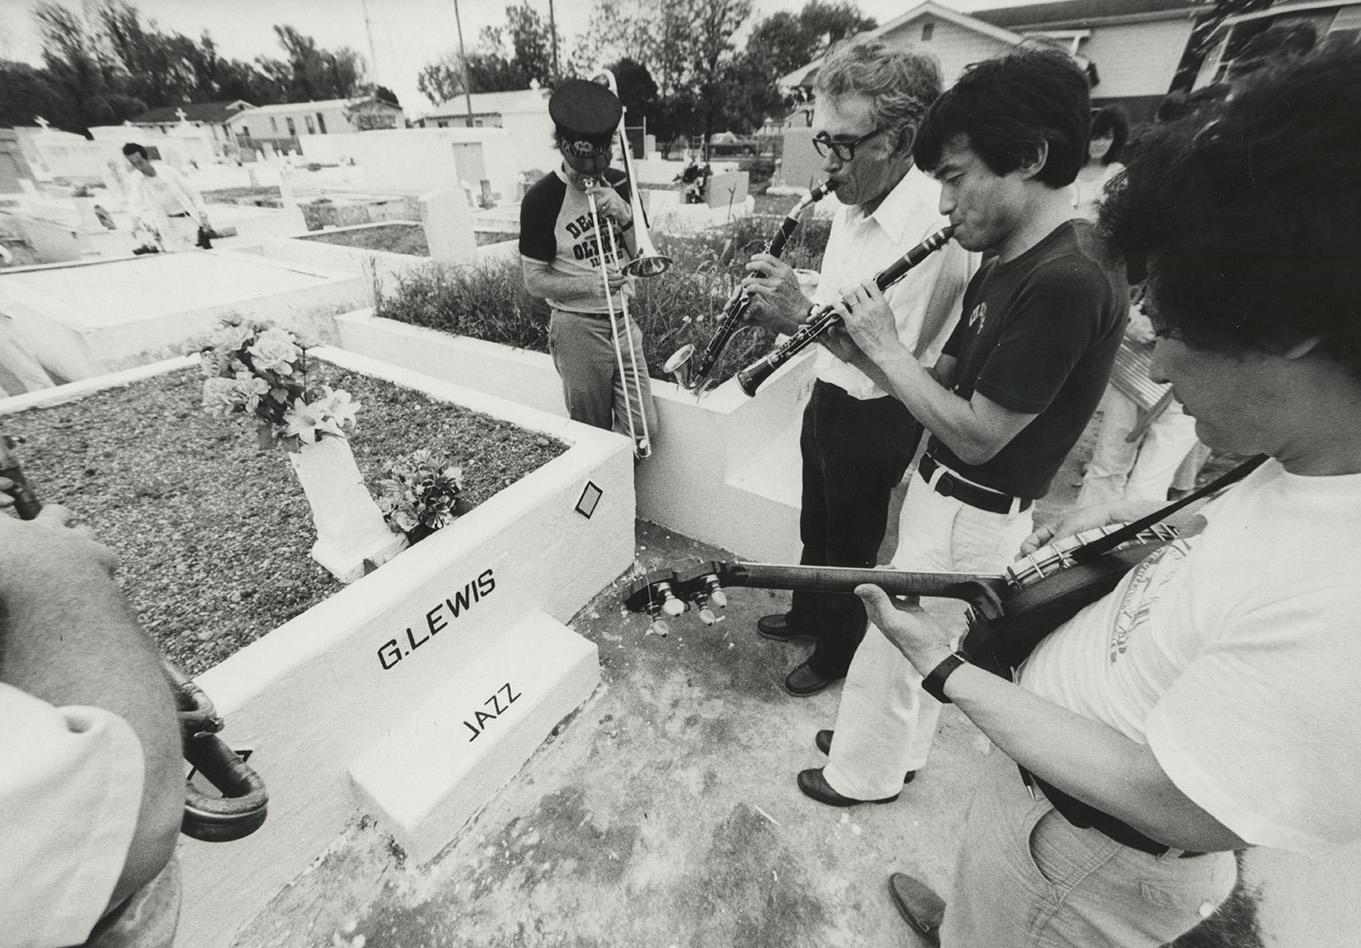 Grave of george lewis